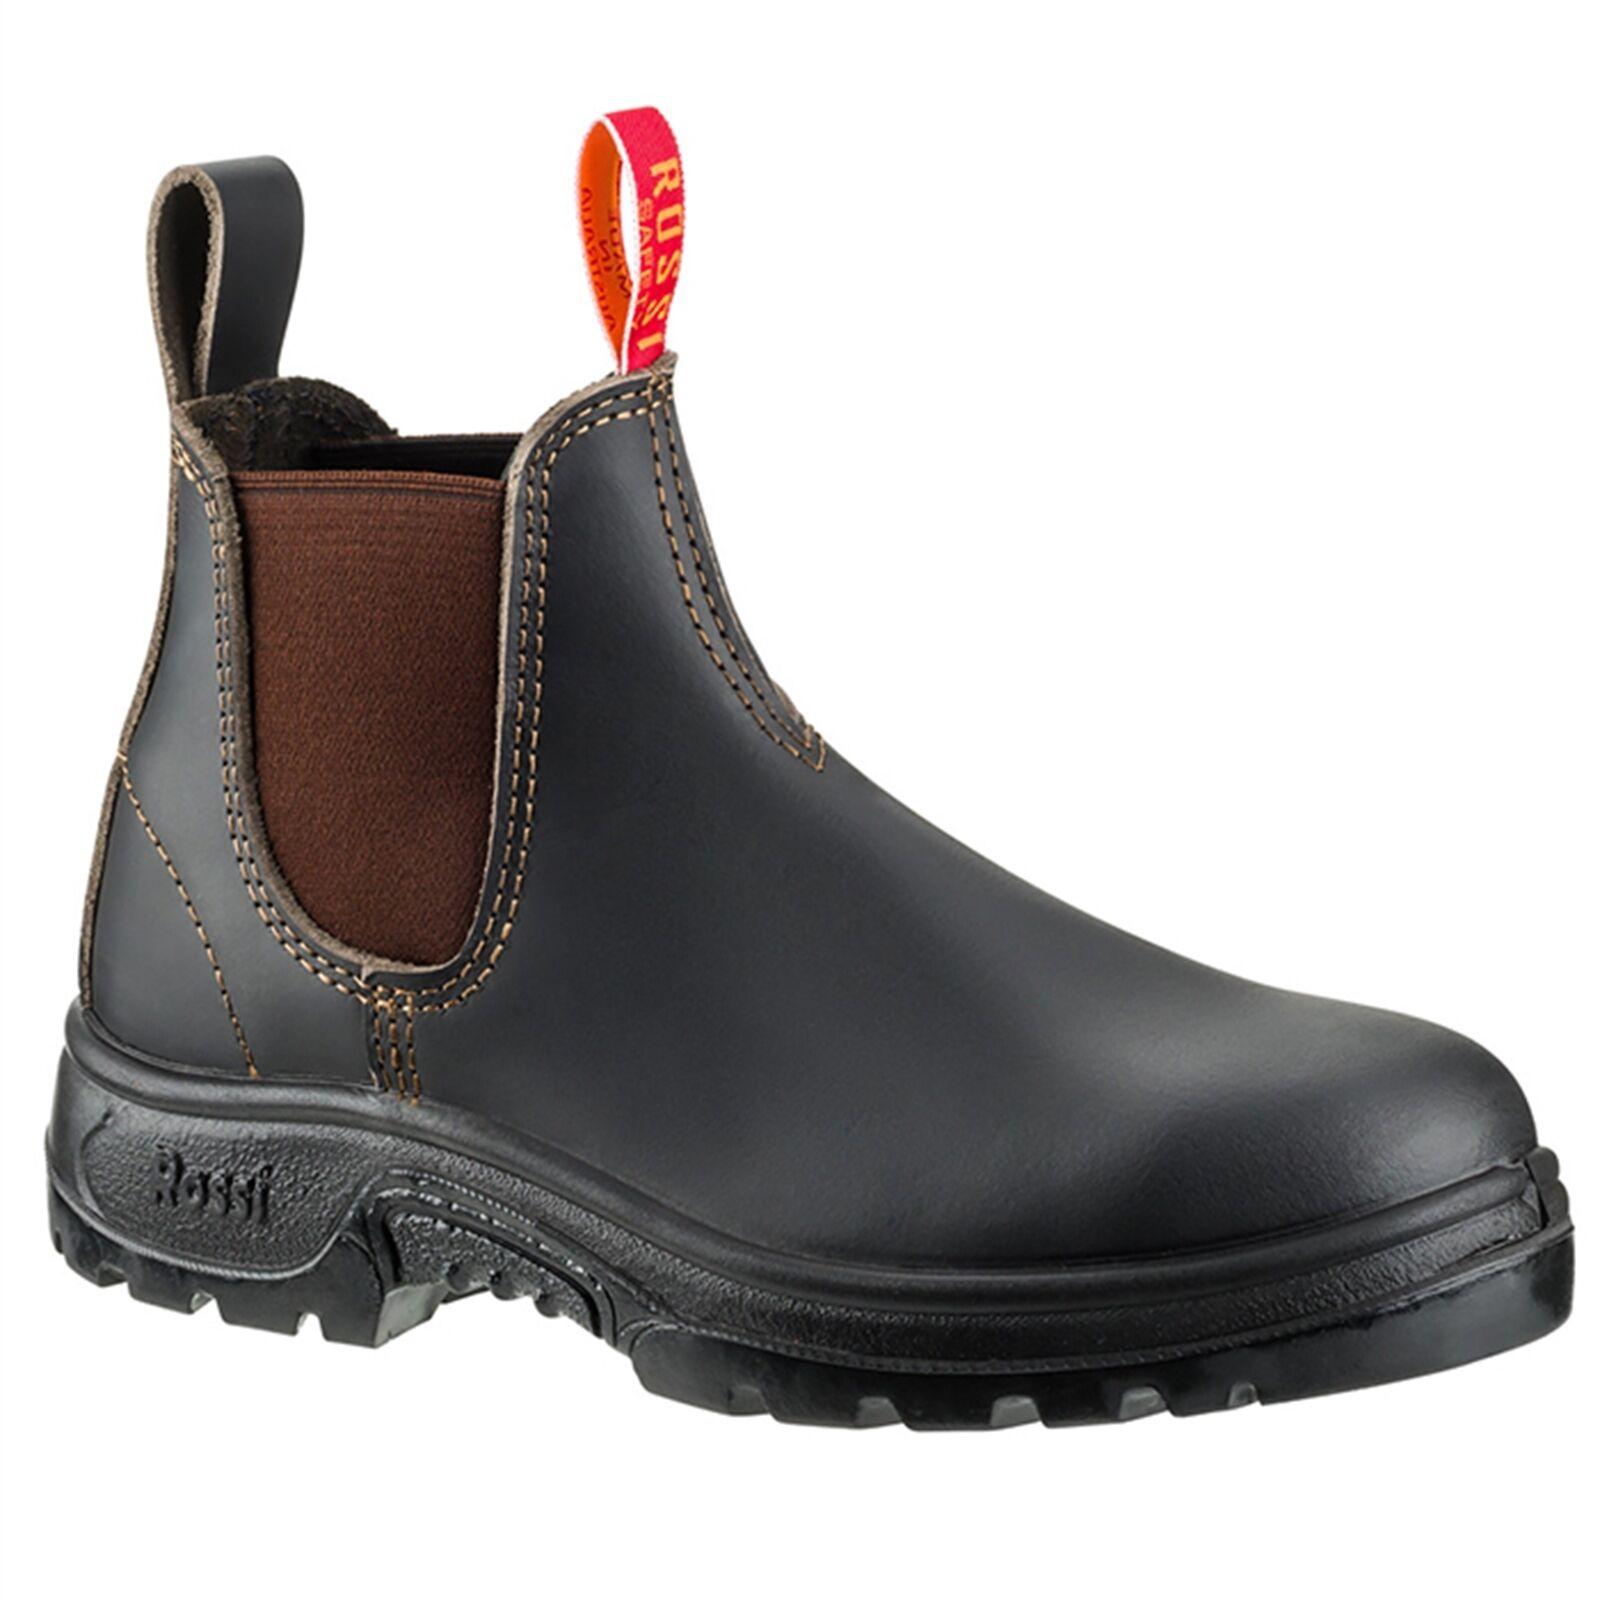 Tapa De Acero Cara Rossi botas Elástico botas de trabajo, clarete  AUS Made-US 10, 11 o 12